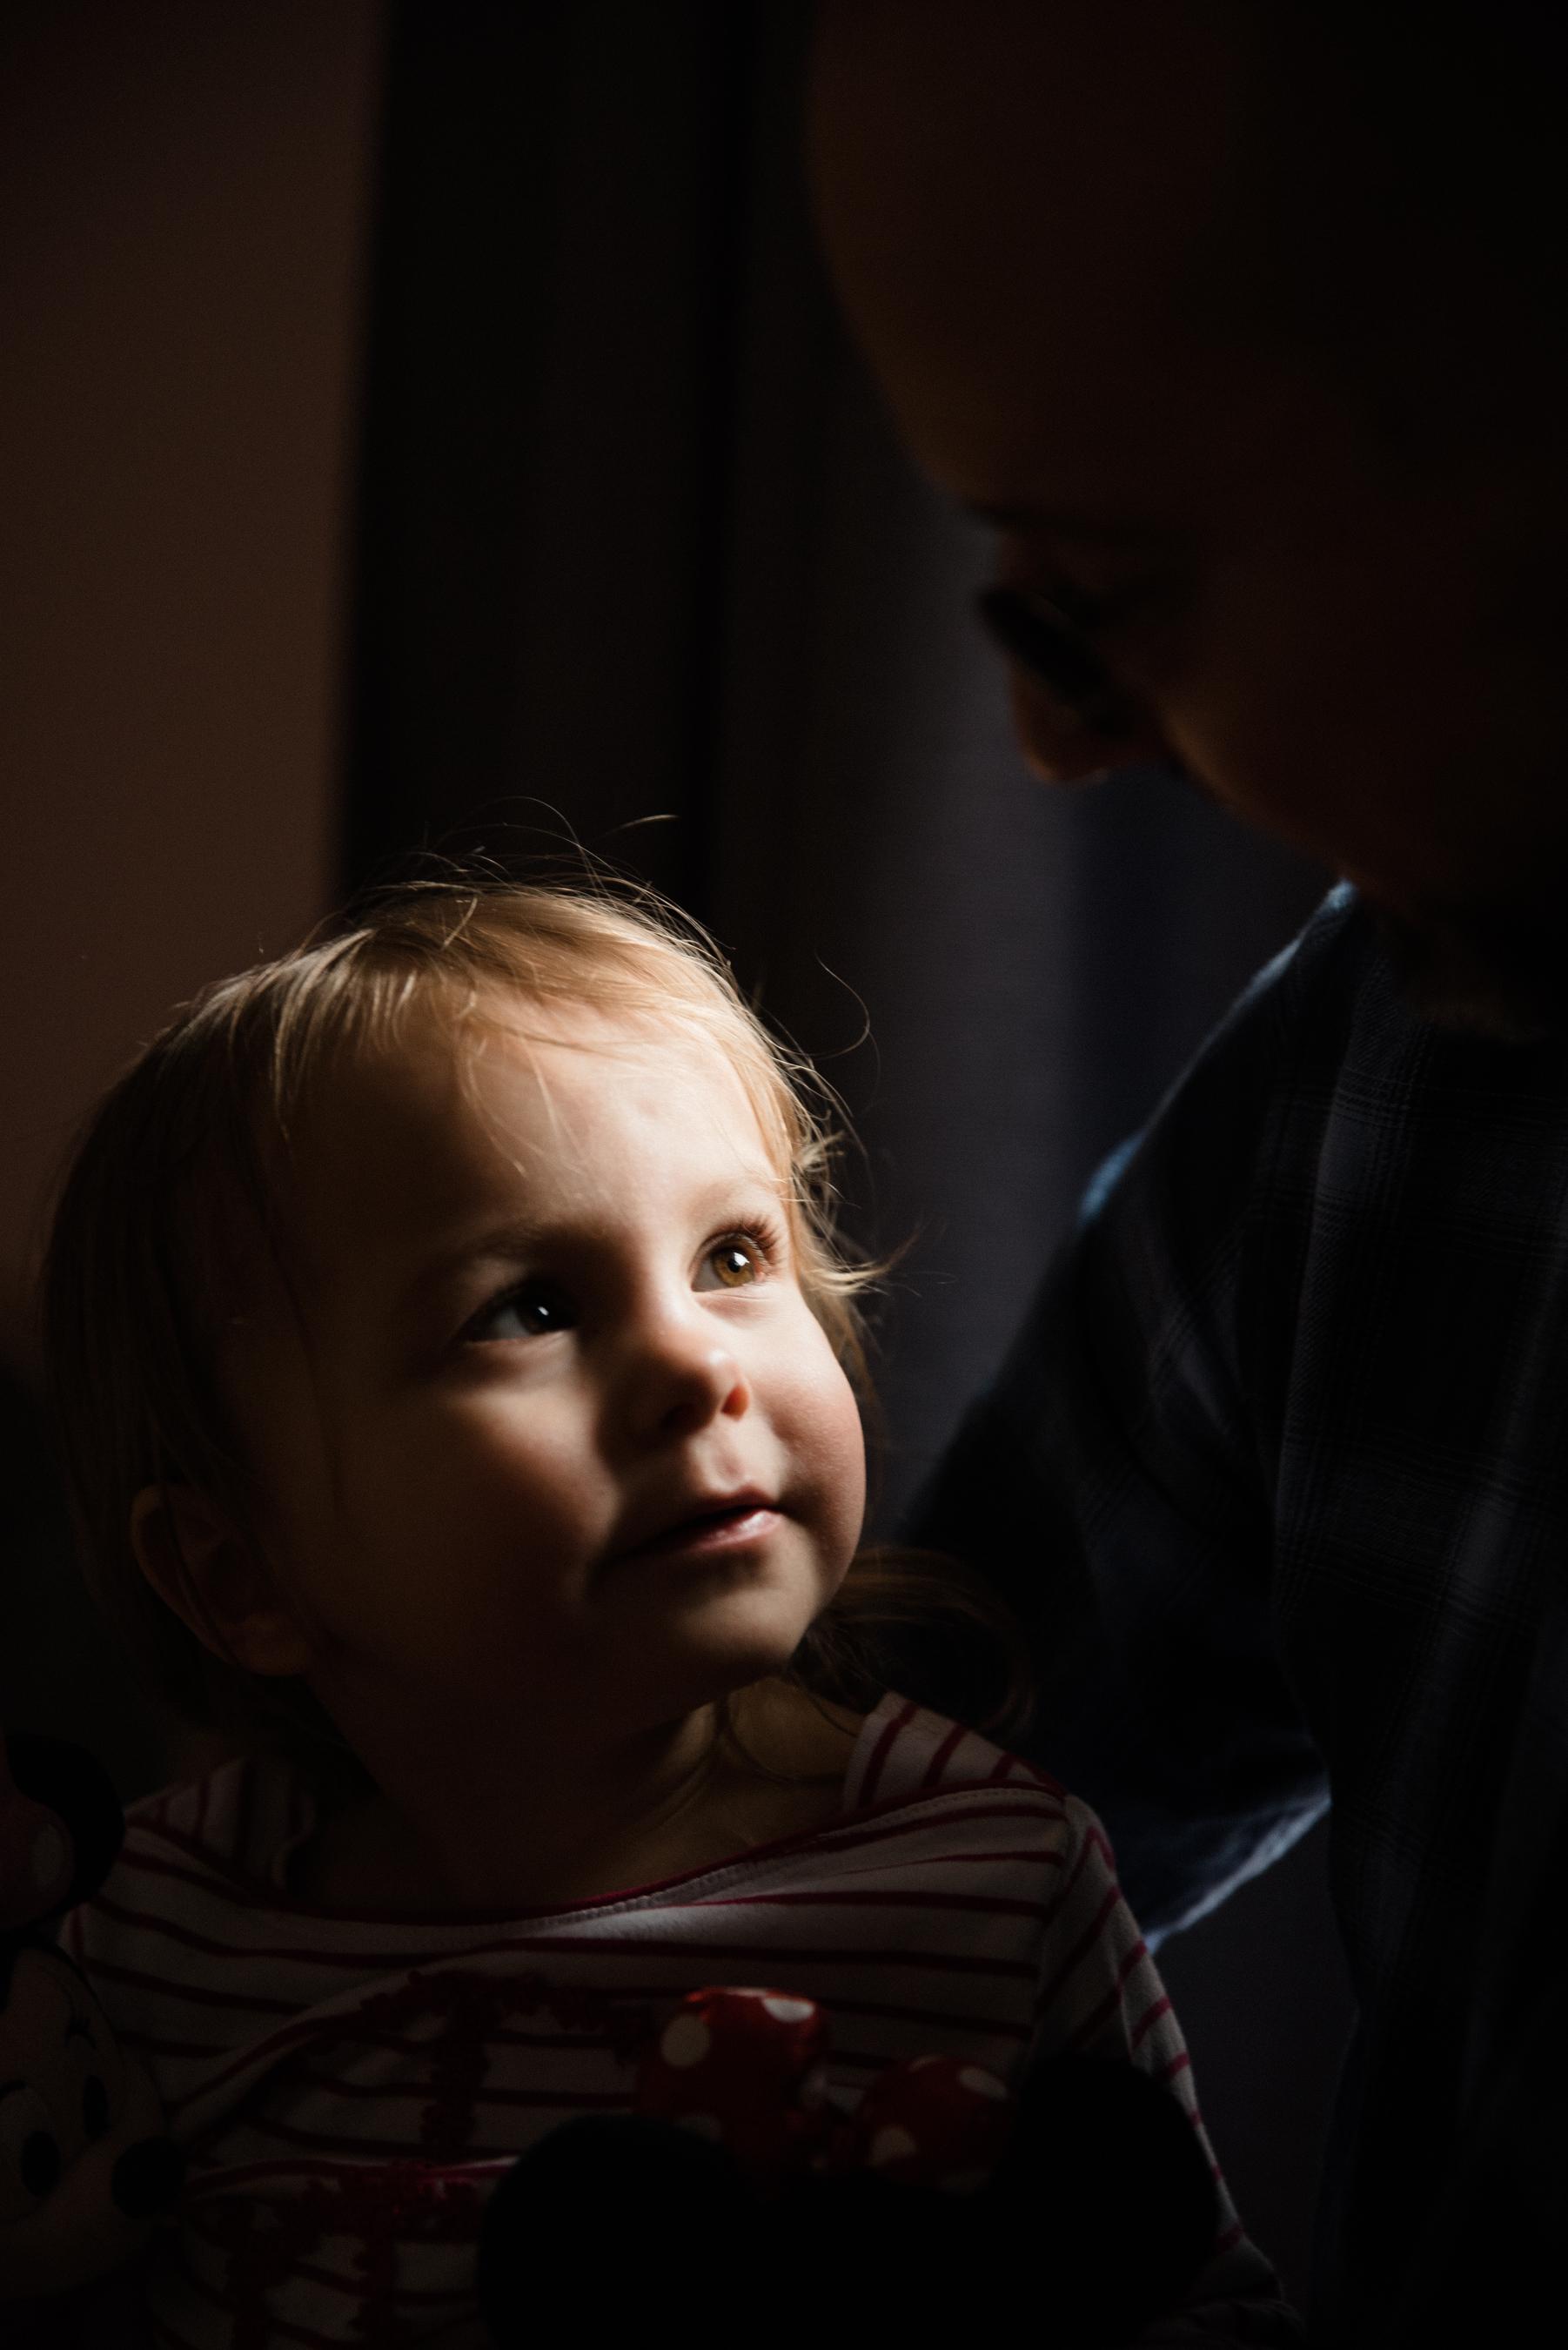 photo-d-une-fillette-au-regard-brillant-qui-regarde-son-pere-photographe-lifestyle-famille-et-nouveau-ne-a-montreal-marianne-charland-691.jpg